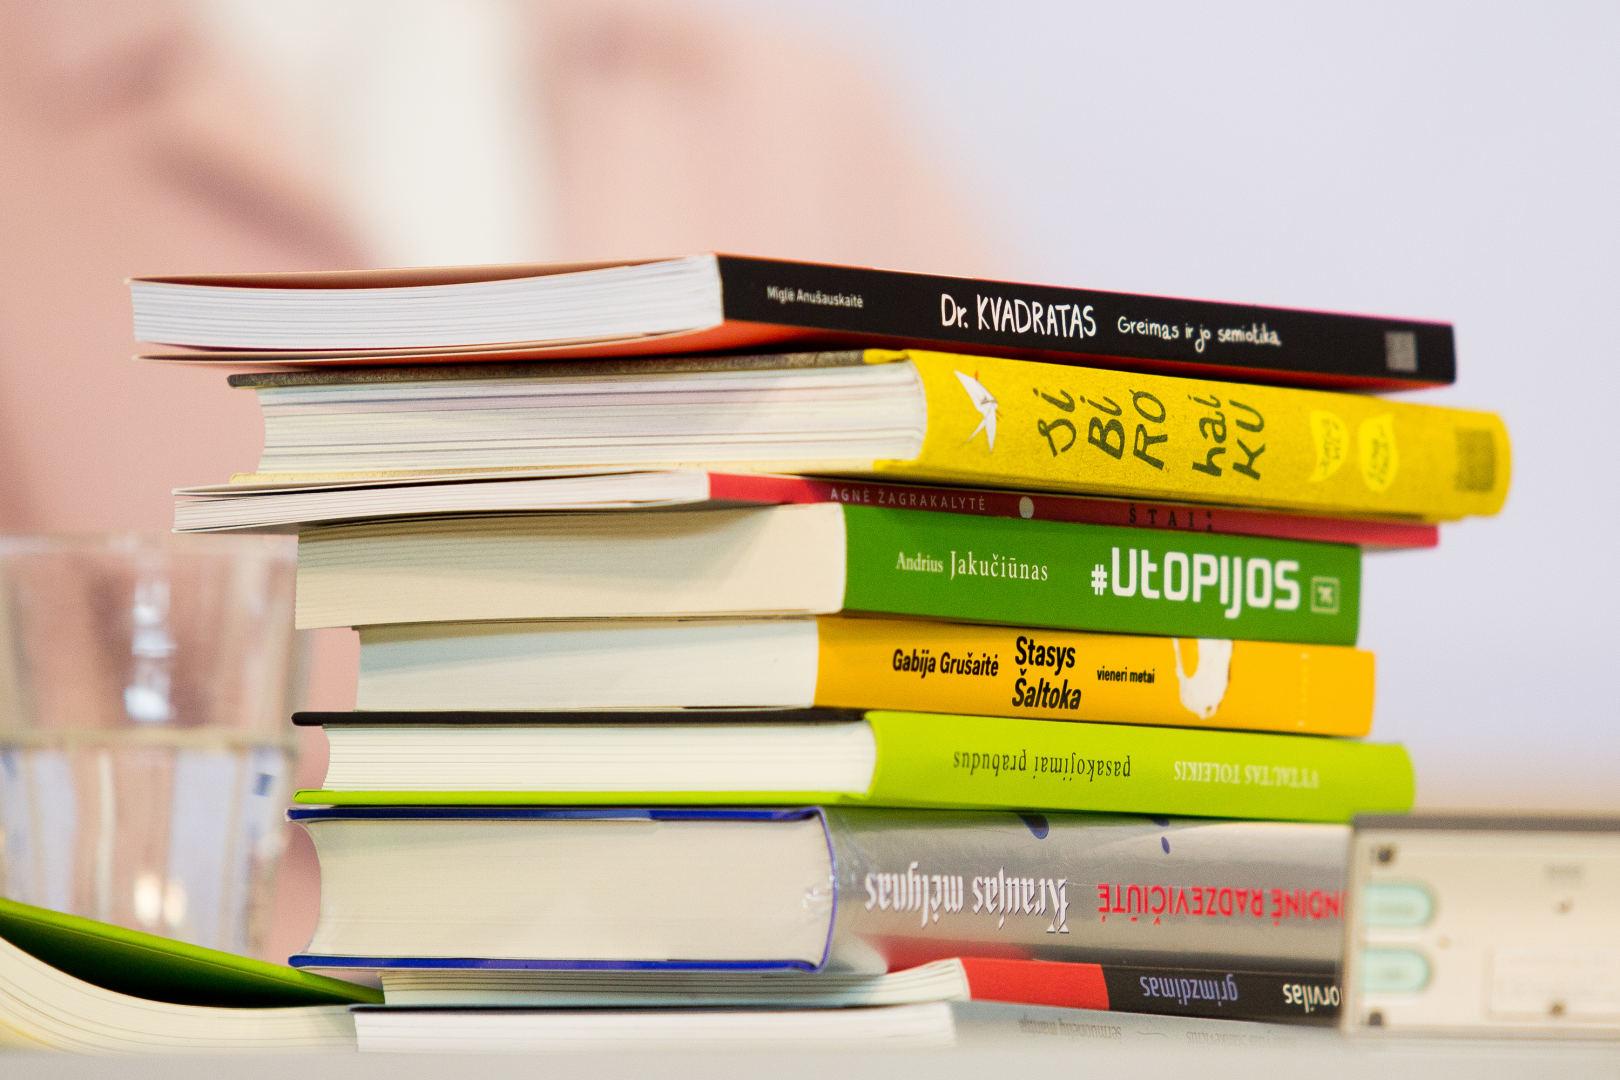 geriausiai vertinamos pasirinkimo sandorių knygos